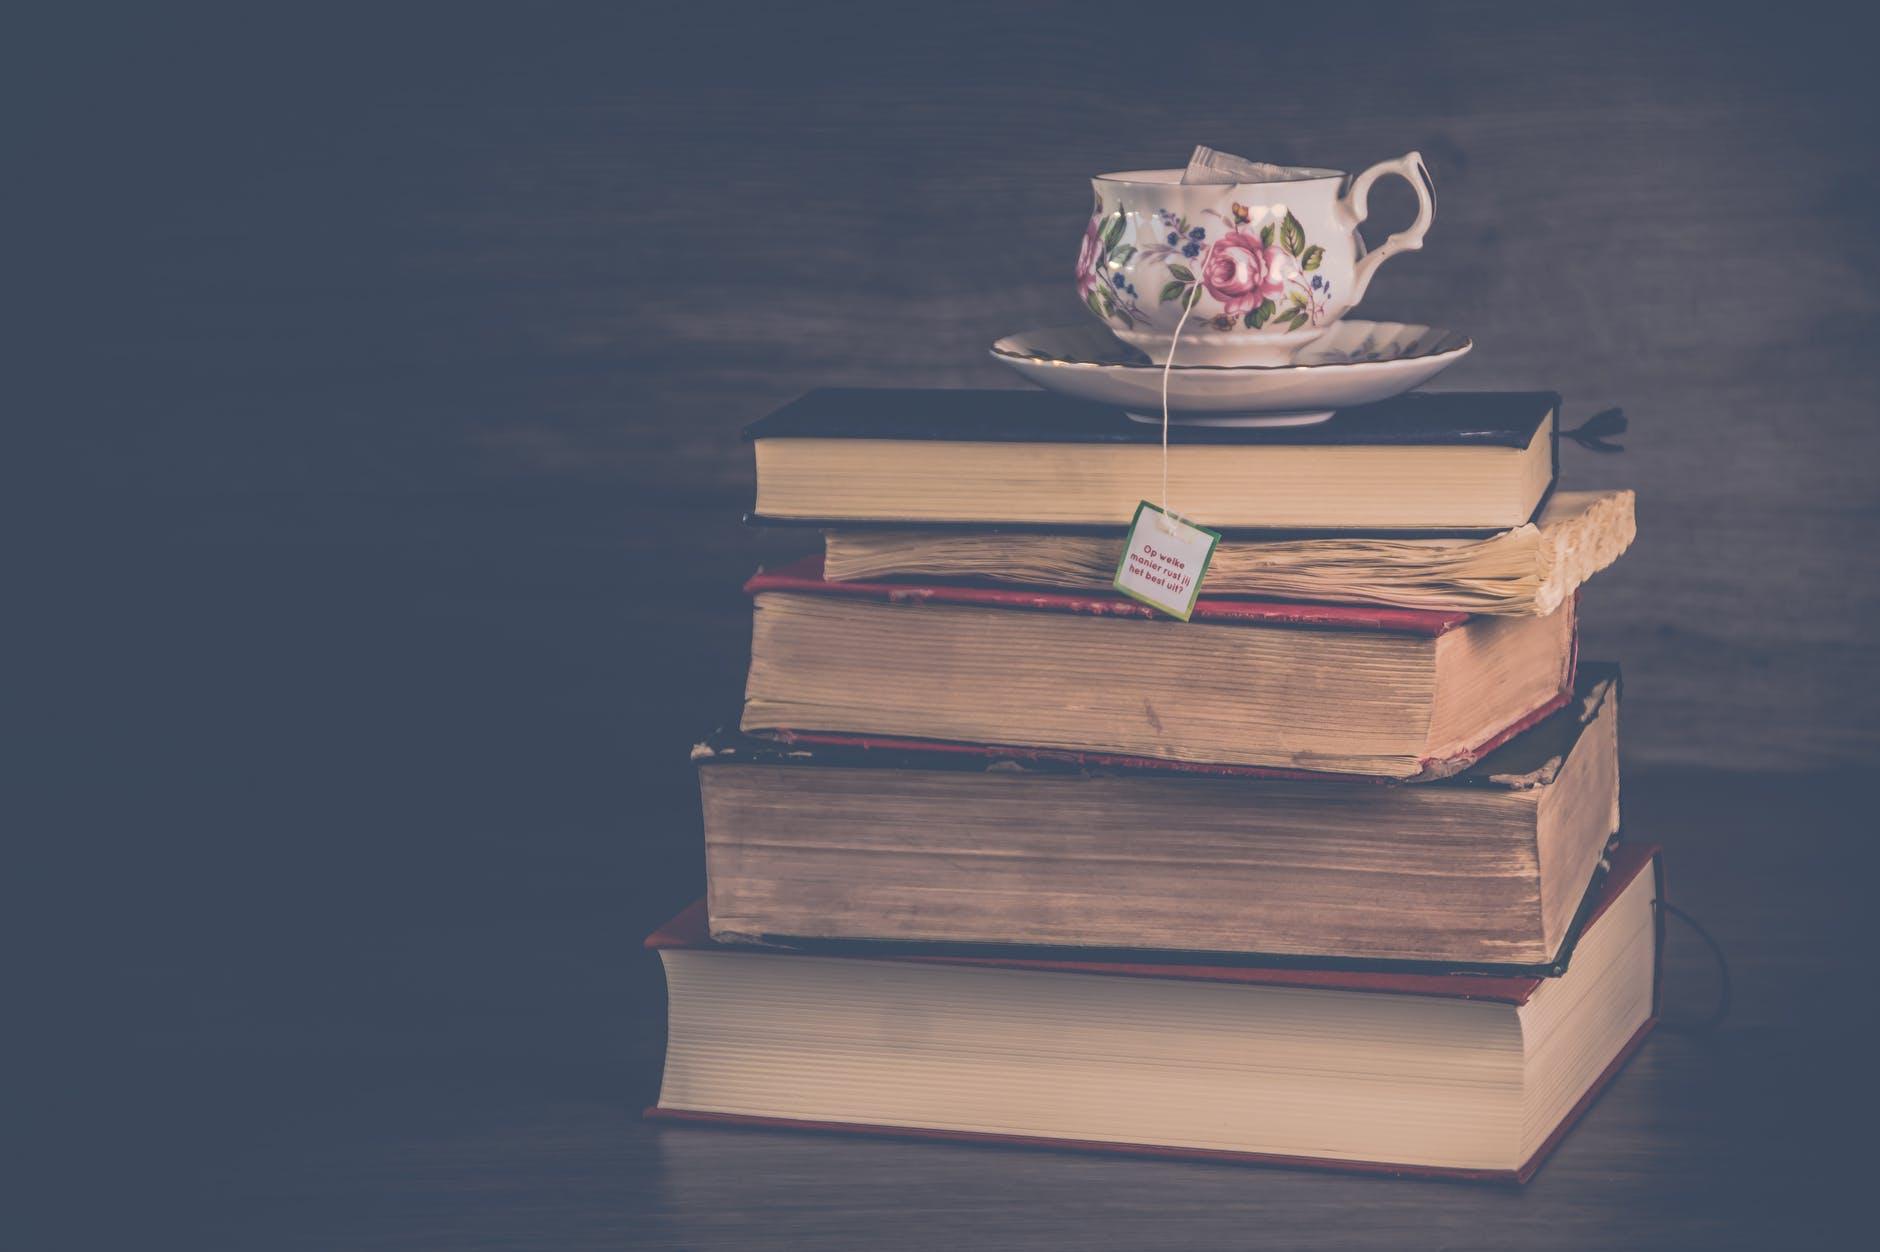 brouiller livres papier pile